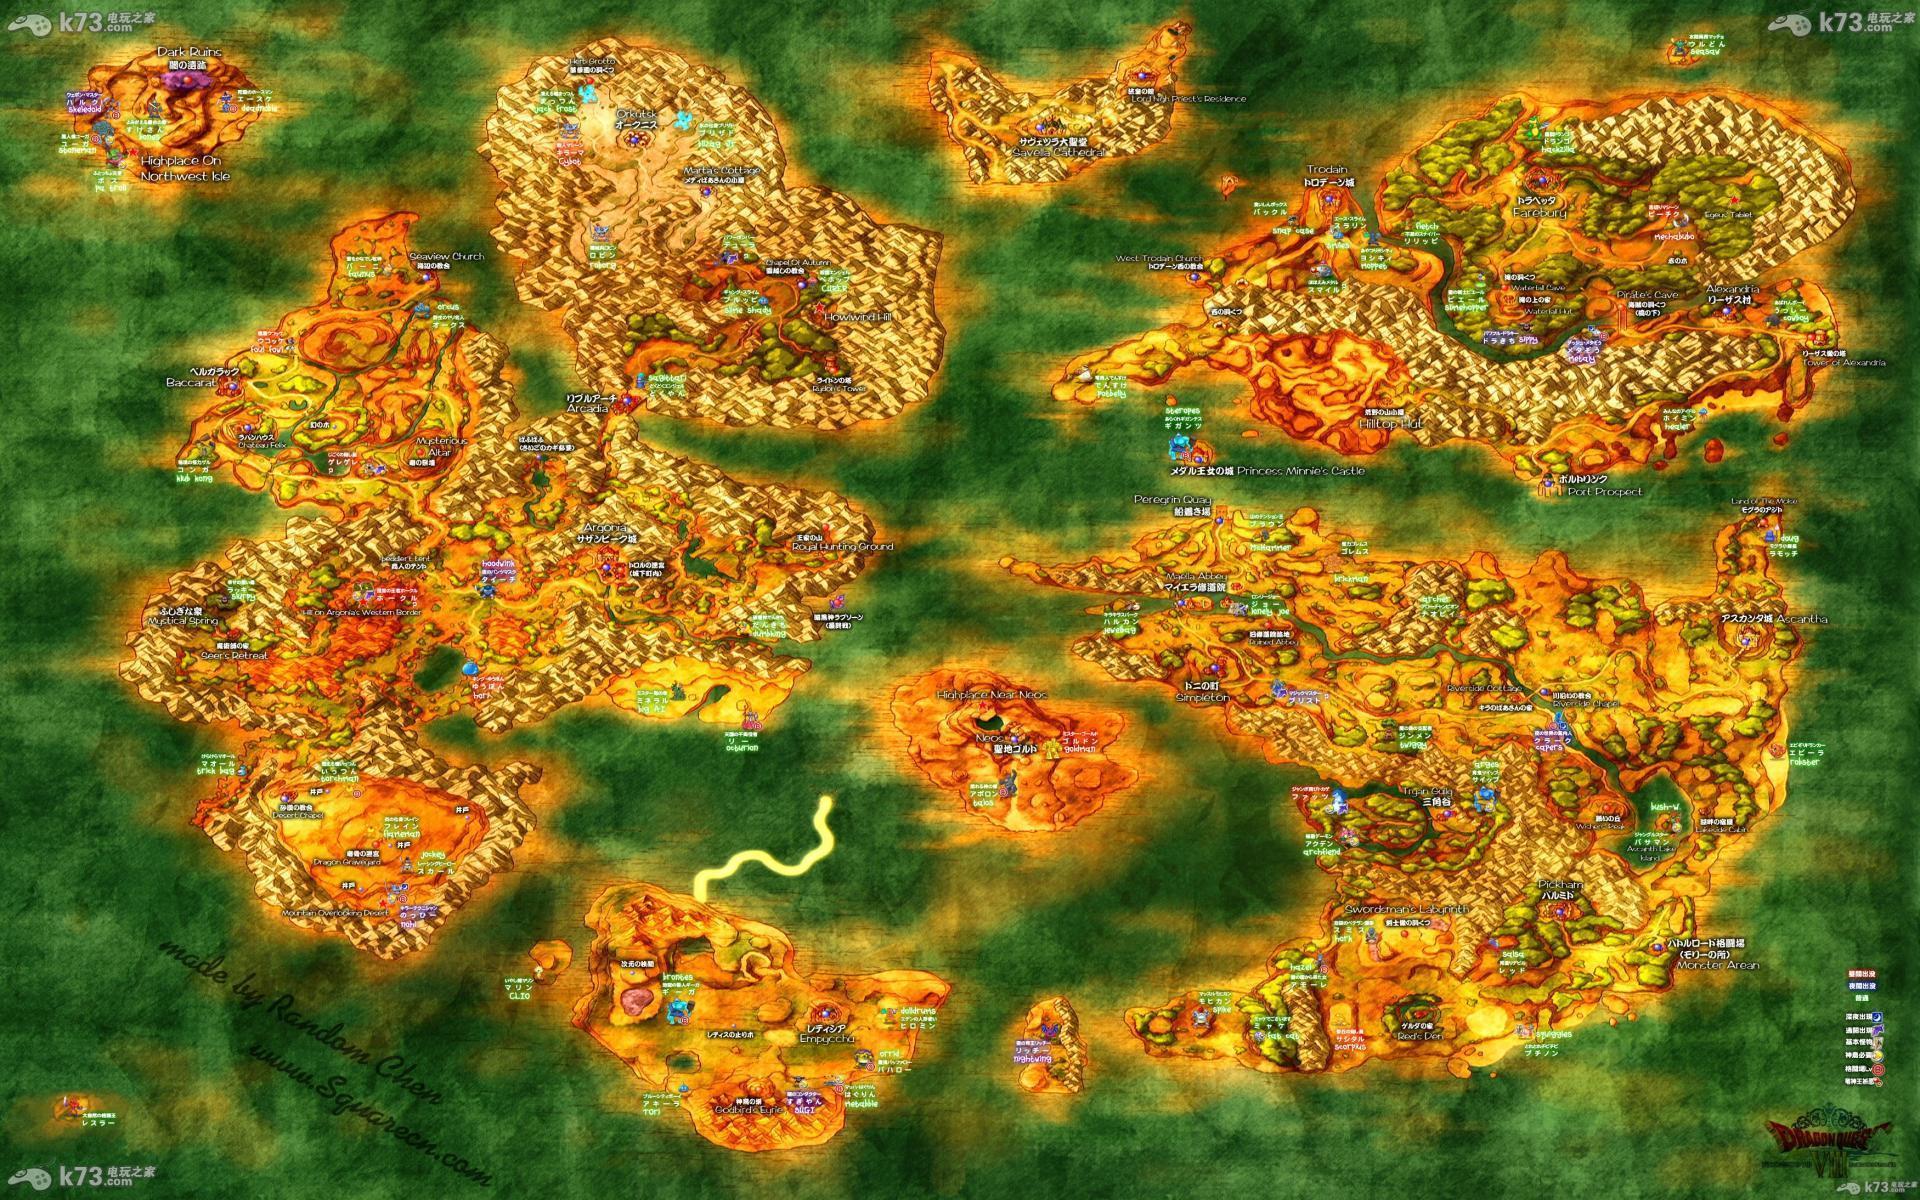 视频 勇者斗恶龙/↑图:勇者斗恶龙8世界地图标明日英地名及宝箱_电